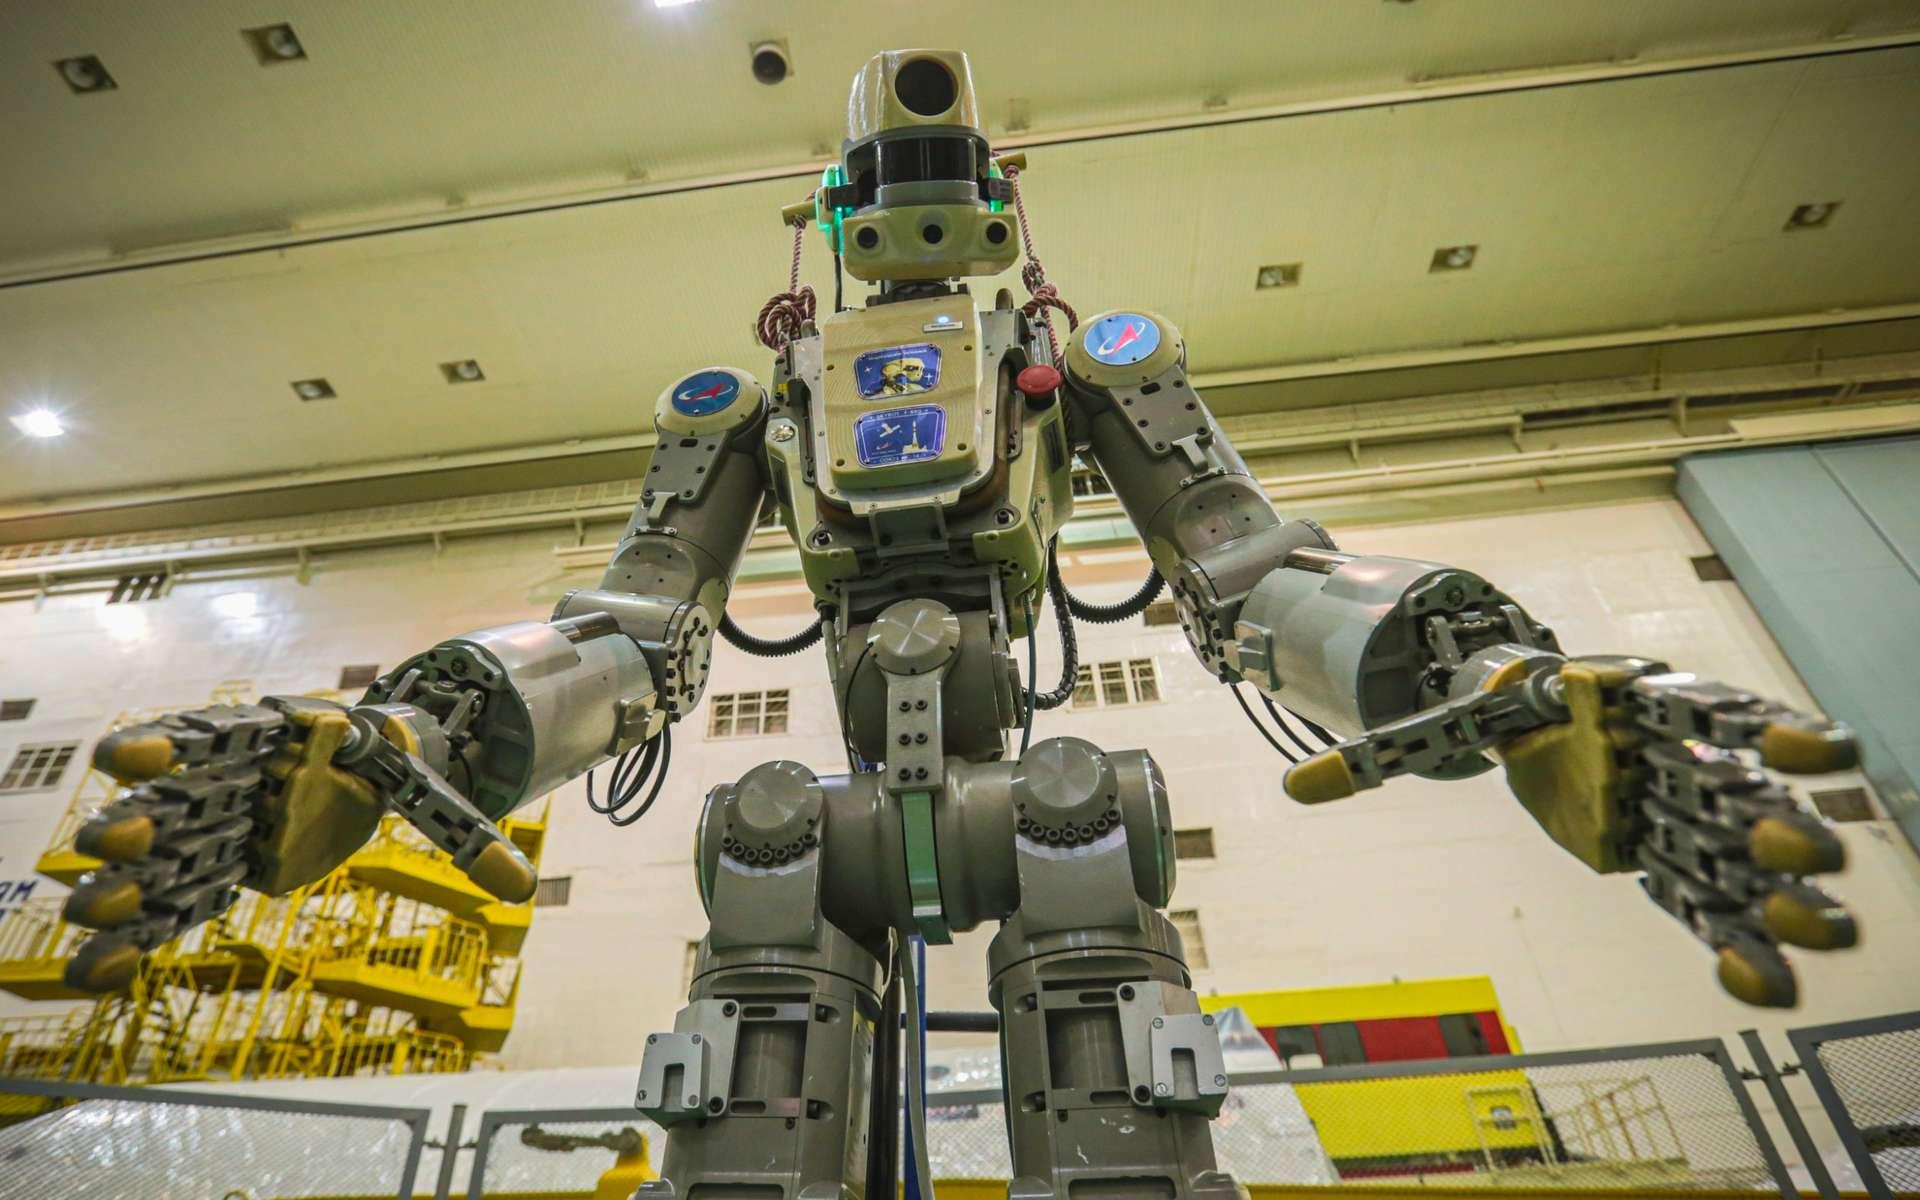 Le robot russe anthropomorphique Fedor (Skybot F-850). Ce robot a été lancé le 22 août à bord d'une capsule Soyouz à destination de la Station spatiale internationale (ISS). © Roscosmos